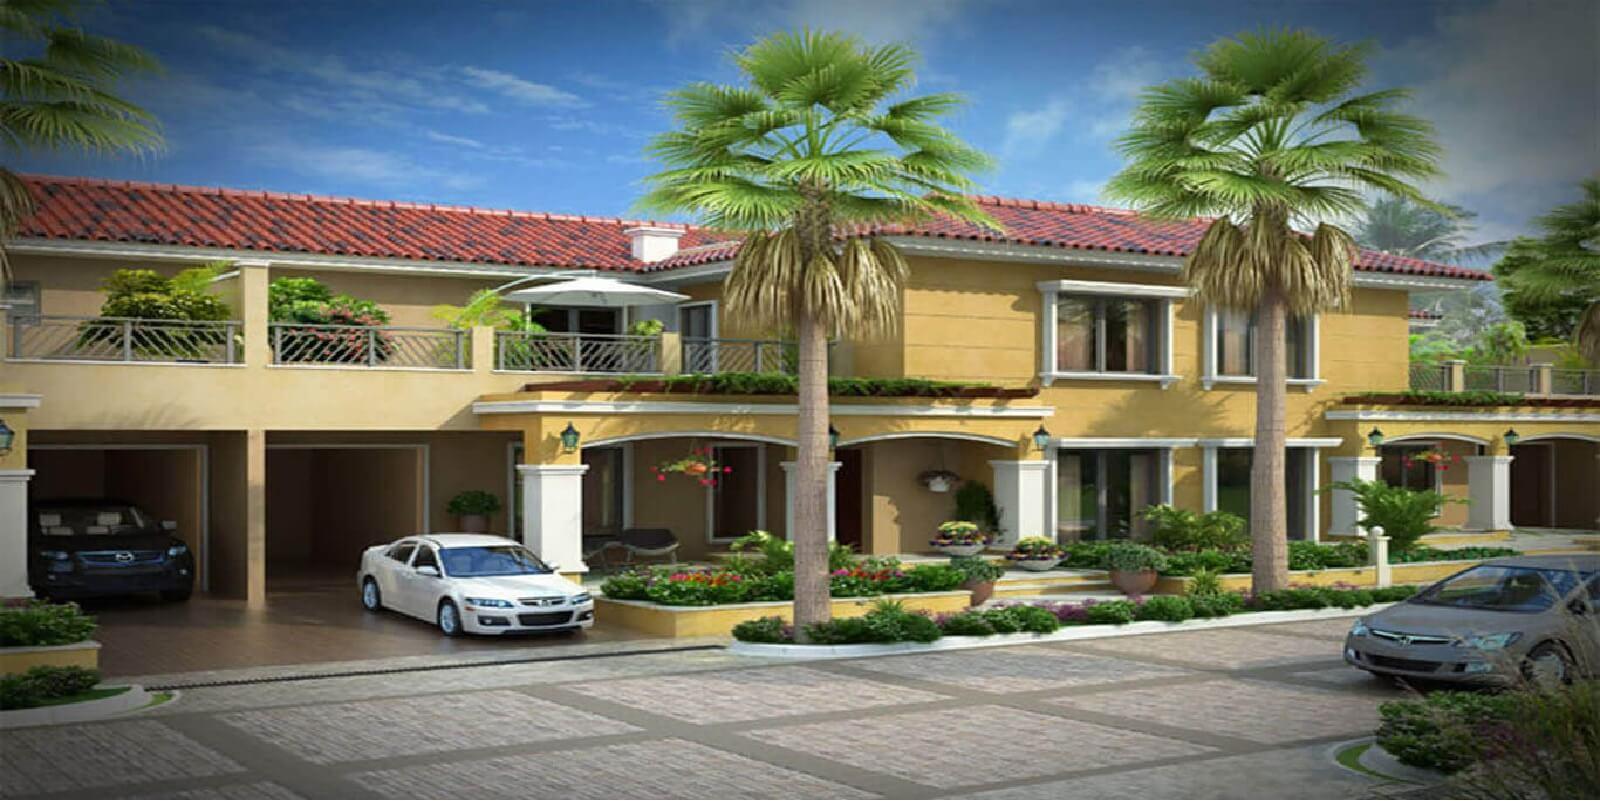 sobha city aristos project large image1